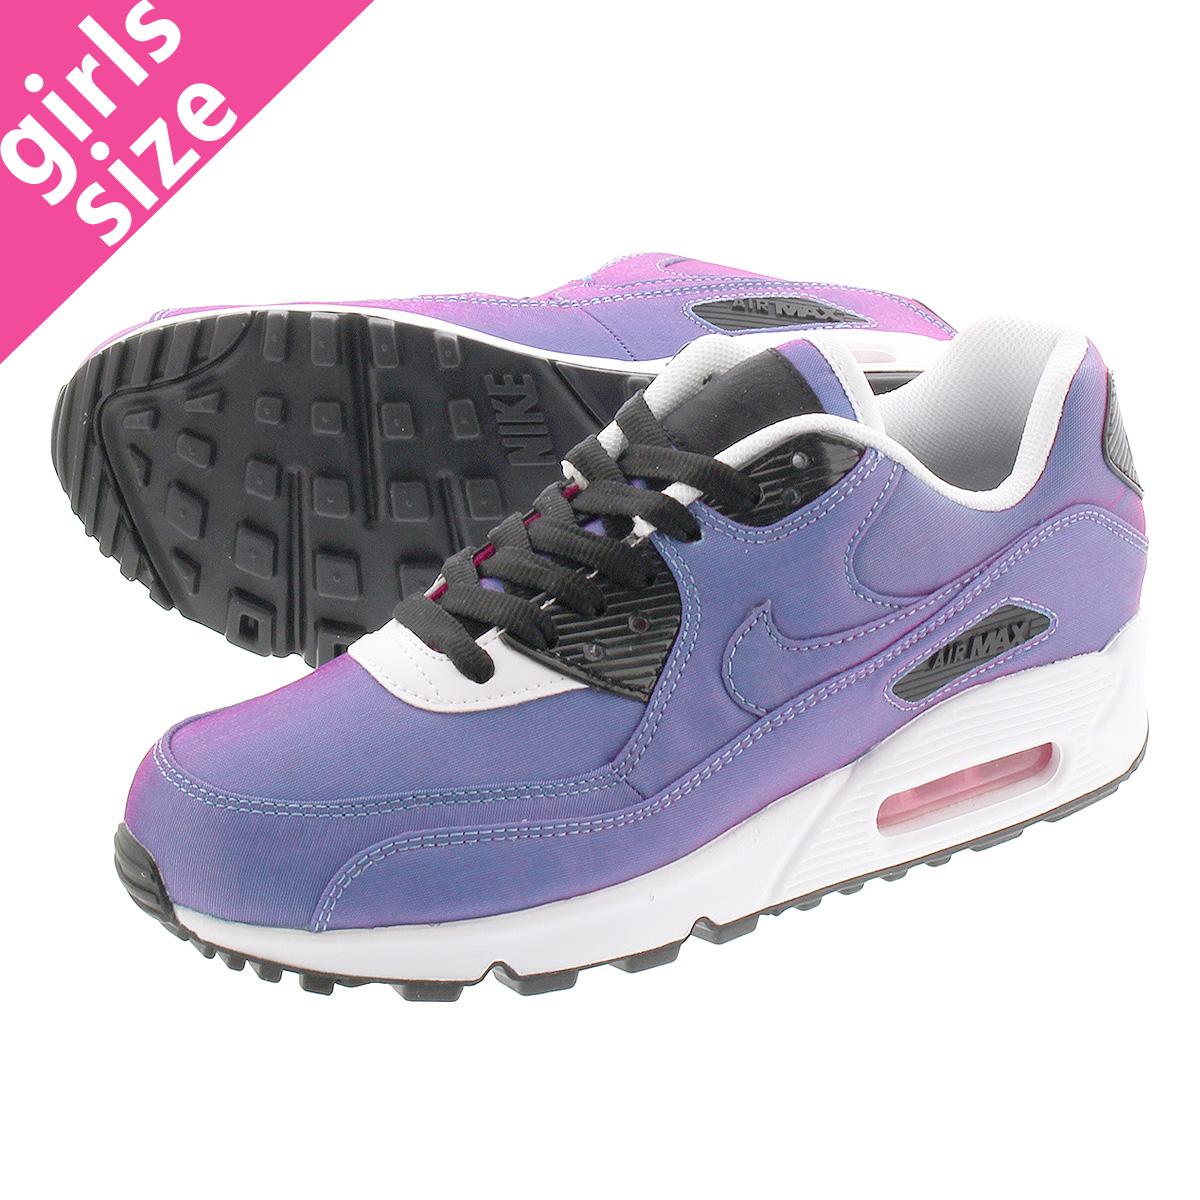 Air Max 90 Womens Black Purple Poland, Nike Air Max 98